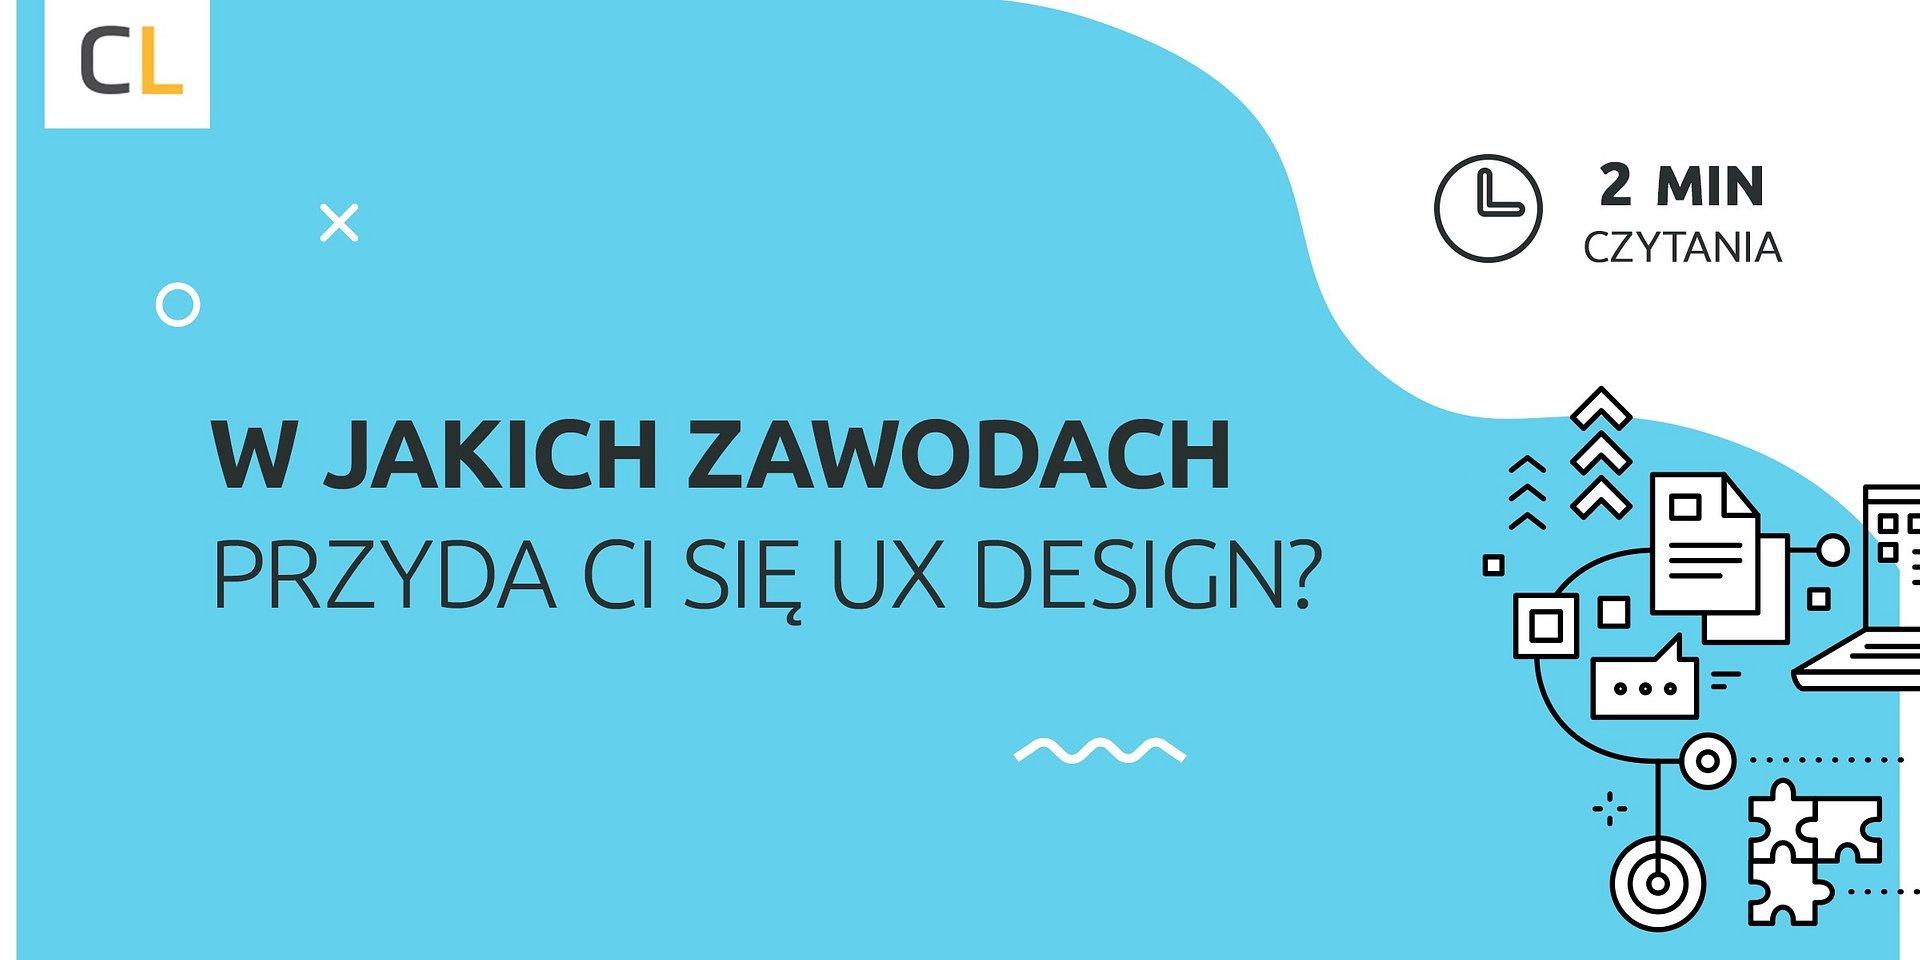 W jakich zawodach przyda Ci się UX Design?